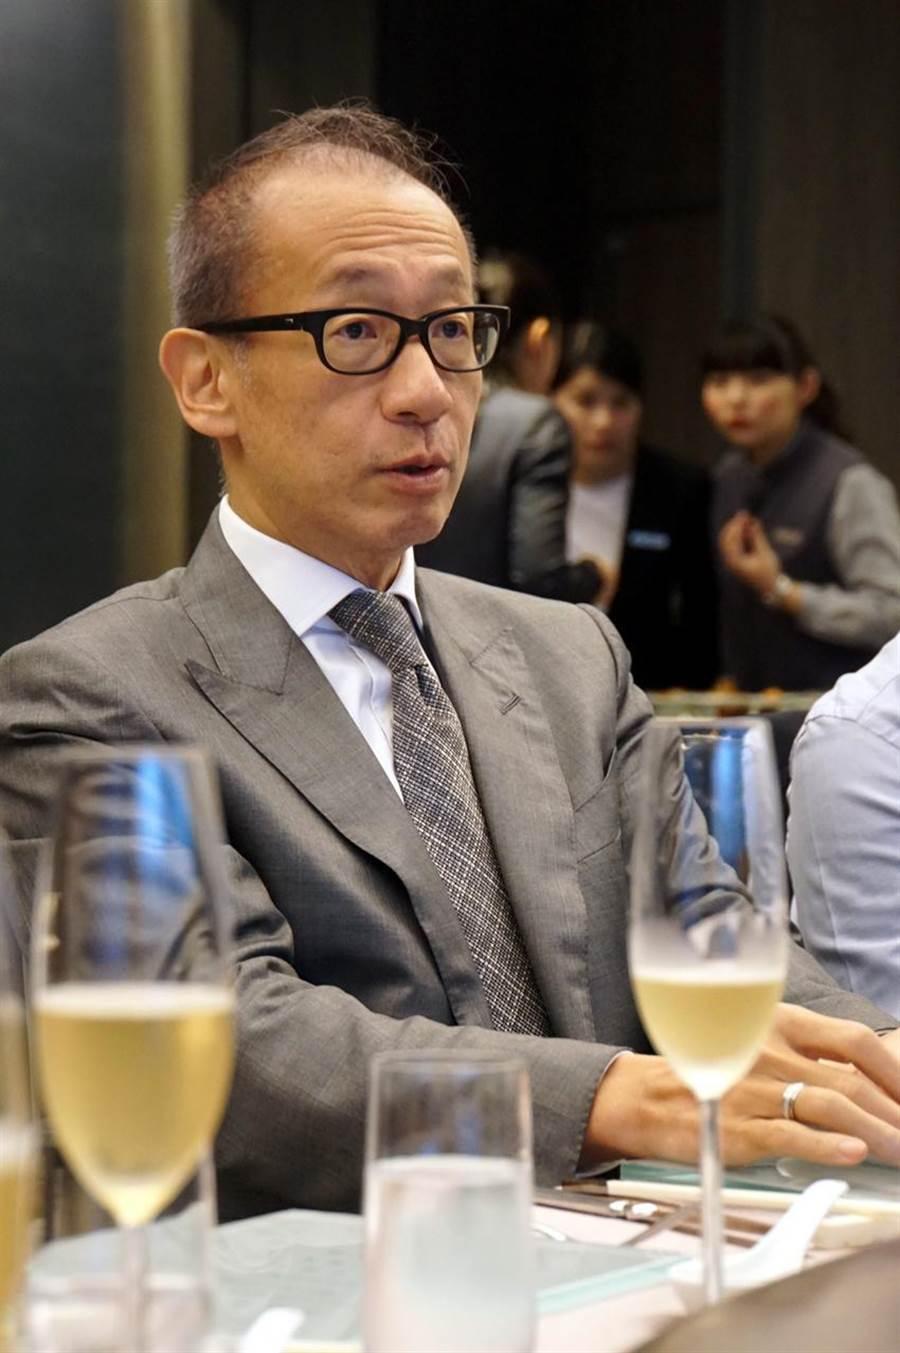 (晶華酒店集團董事長潘思亮16日表示,台灣經濟出現新的轉捩點,希望政府持續拚經濟帶領台灣重返「黃金年代」。圖/姚舜)